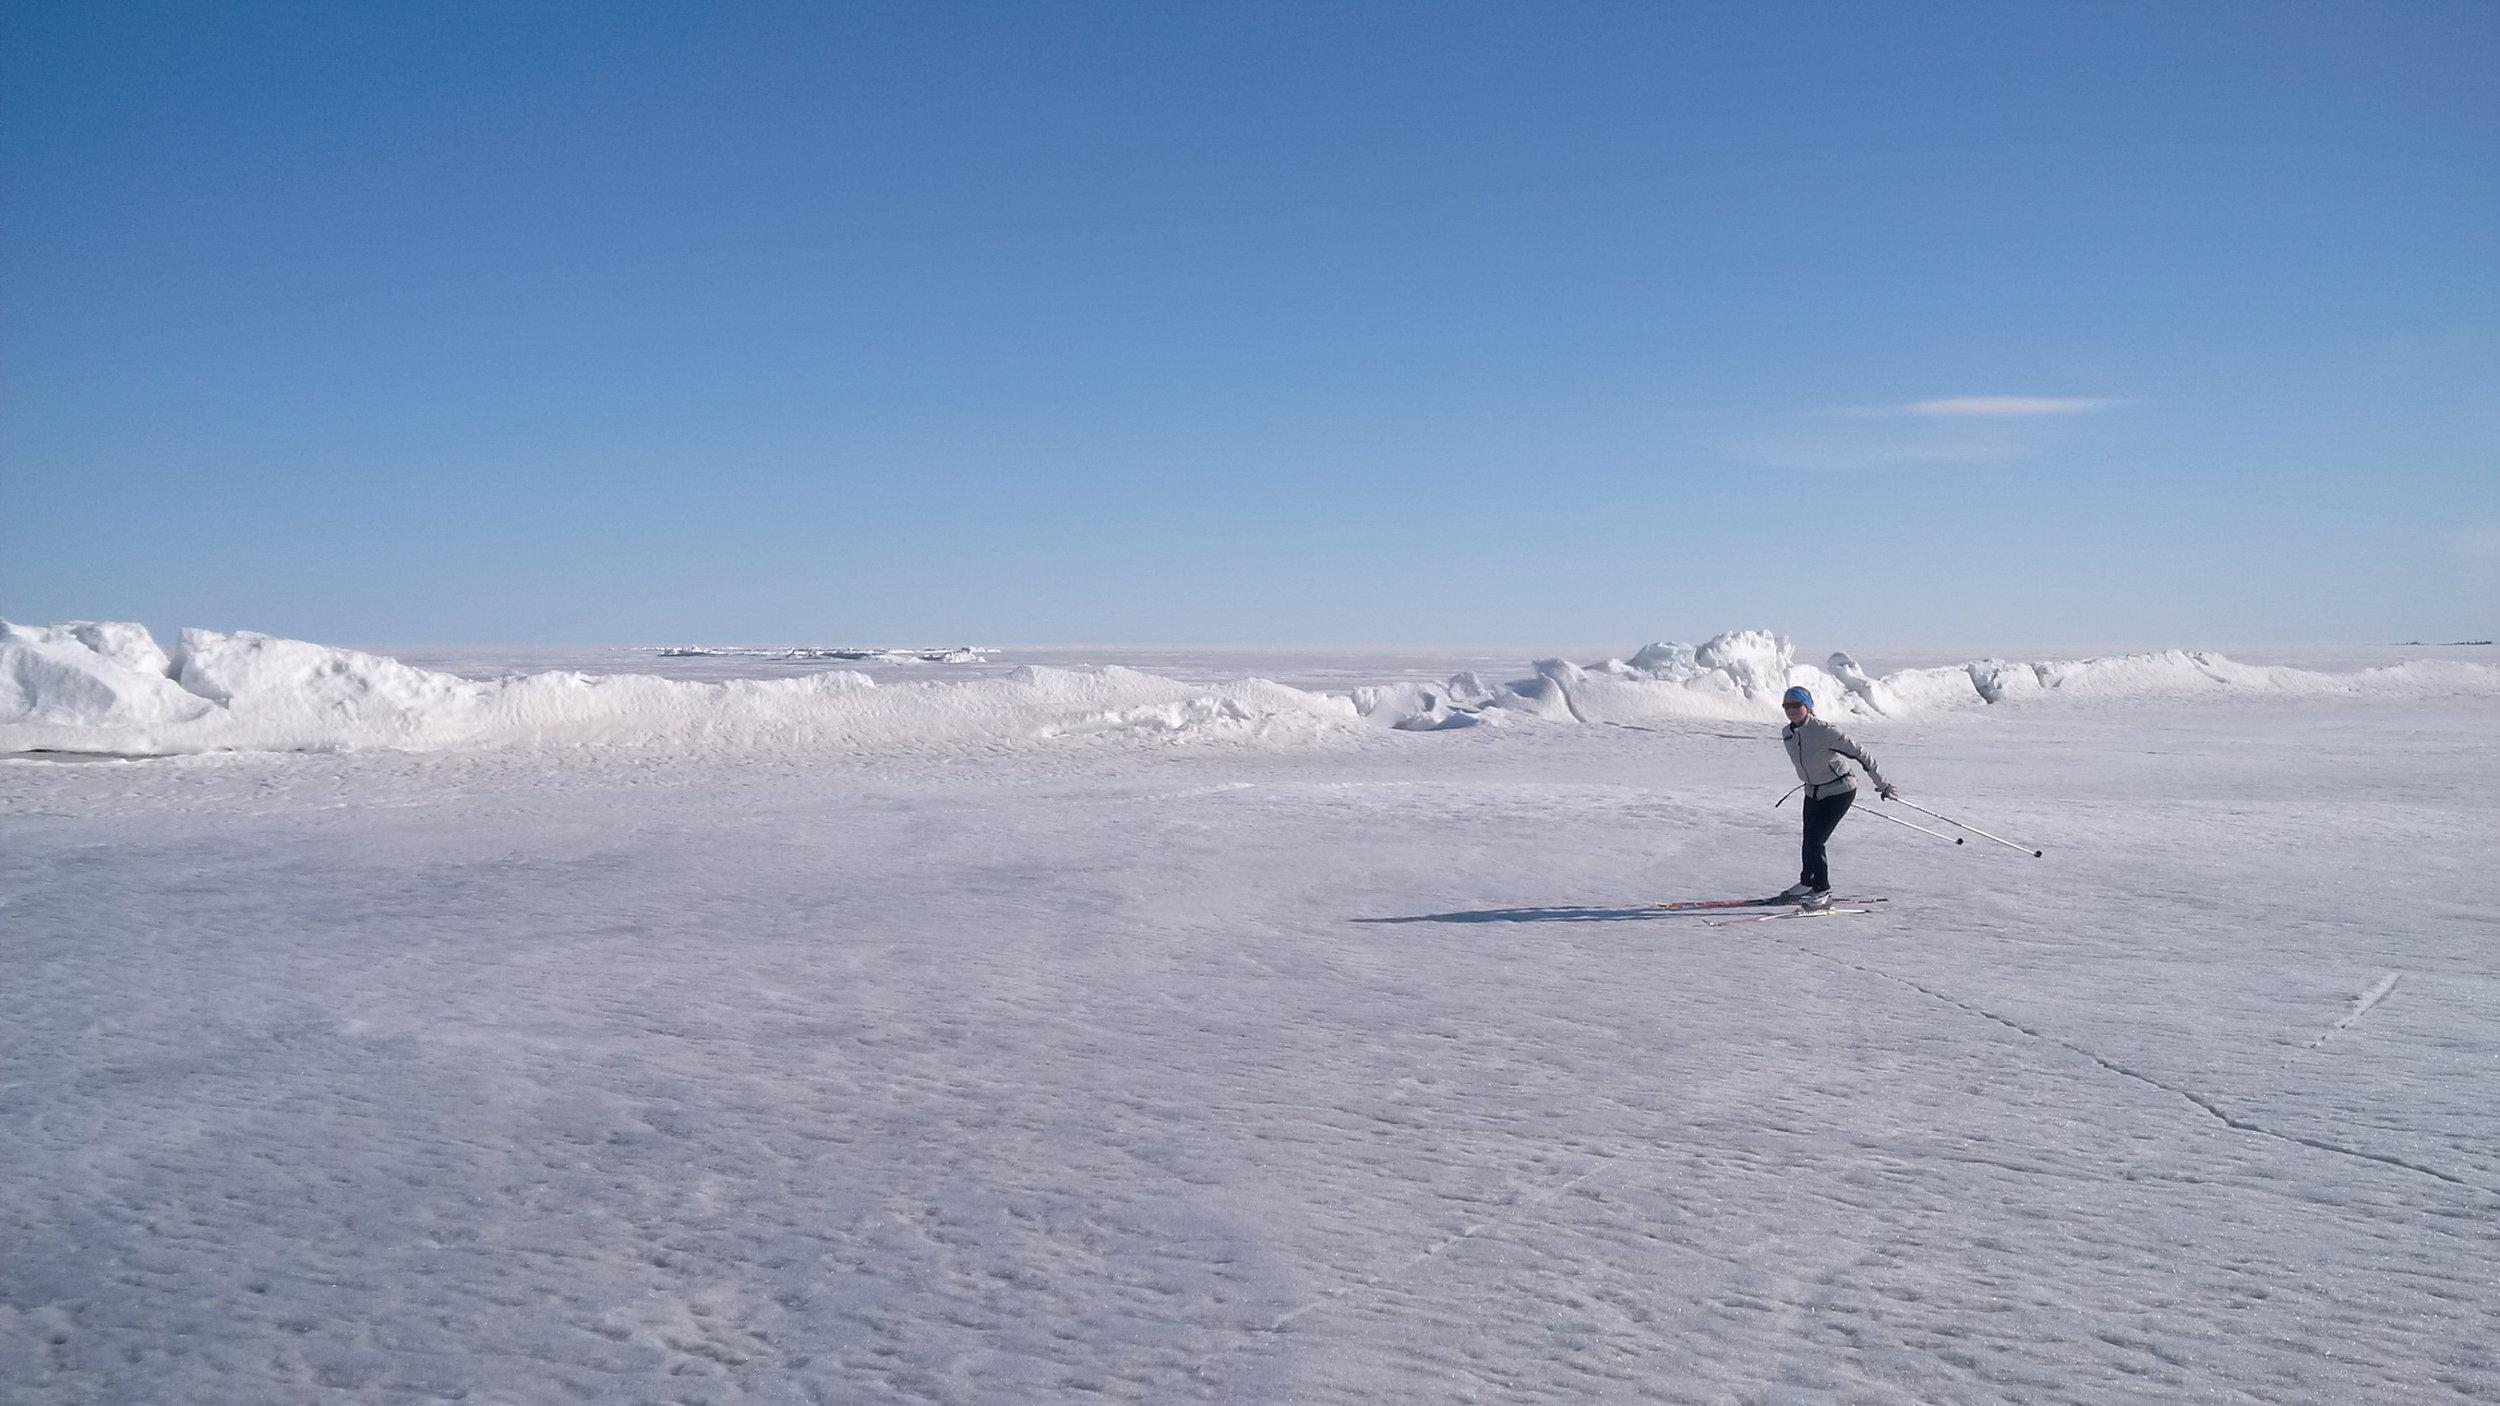 Kerry skiing on the big lake.